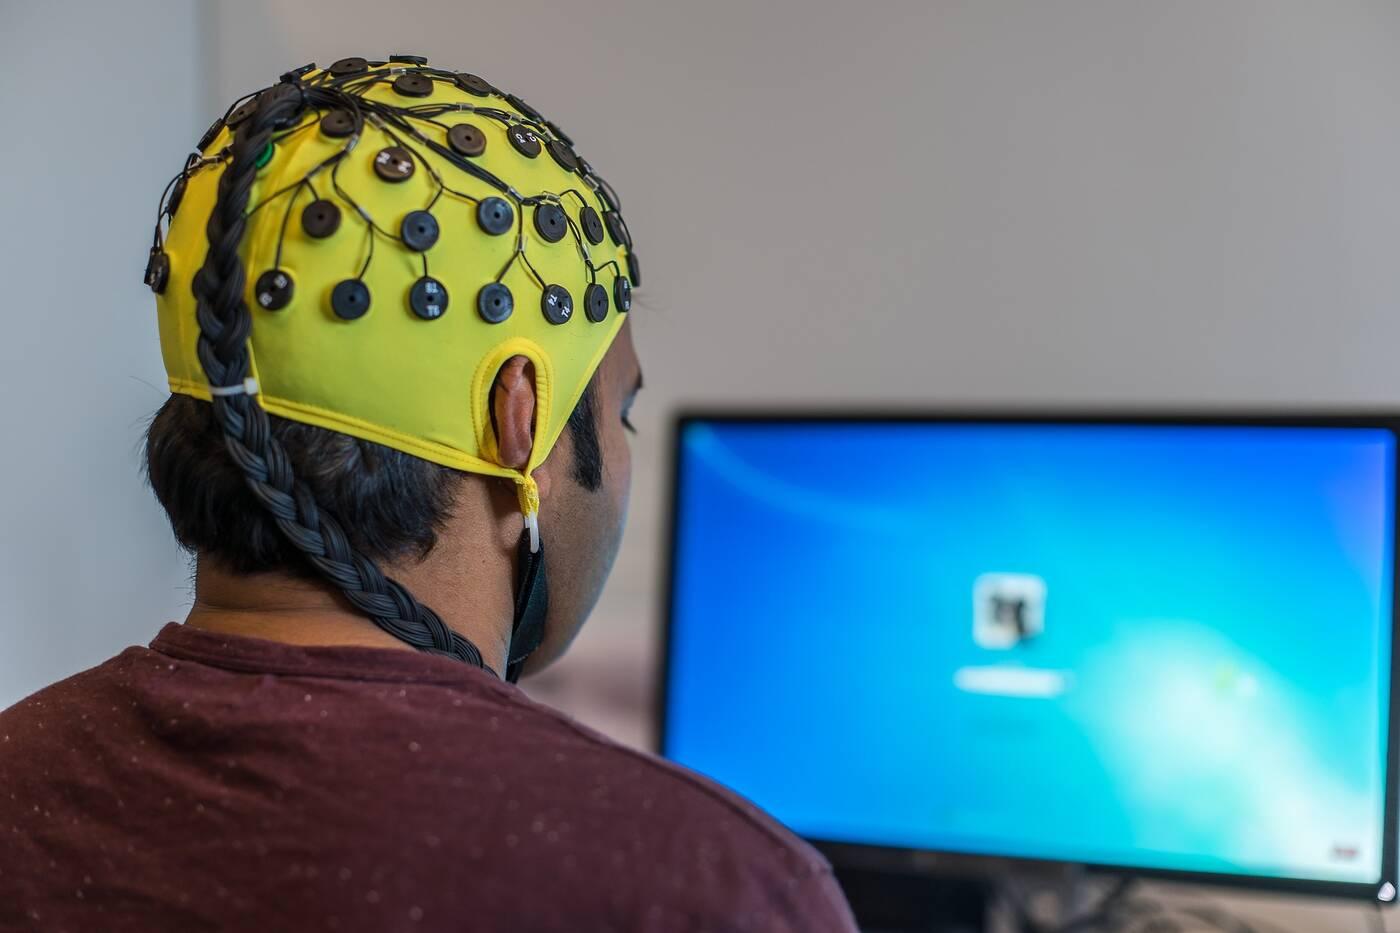 Elektryczna stymulacja, mózg Elektryczna stymulacja, młodszy mózg, odmładzanie mózgu, Elektryczna stymulacja starsze osoby